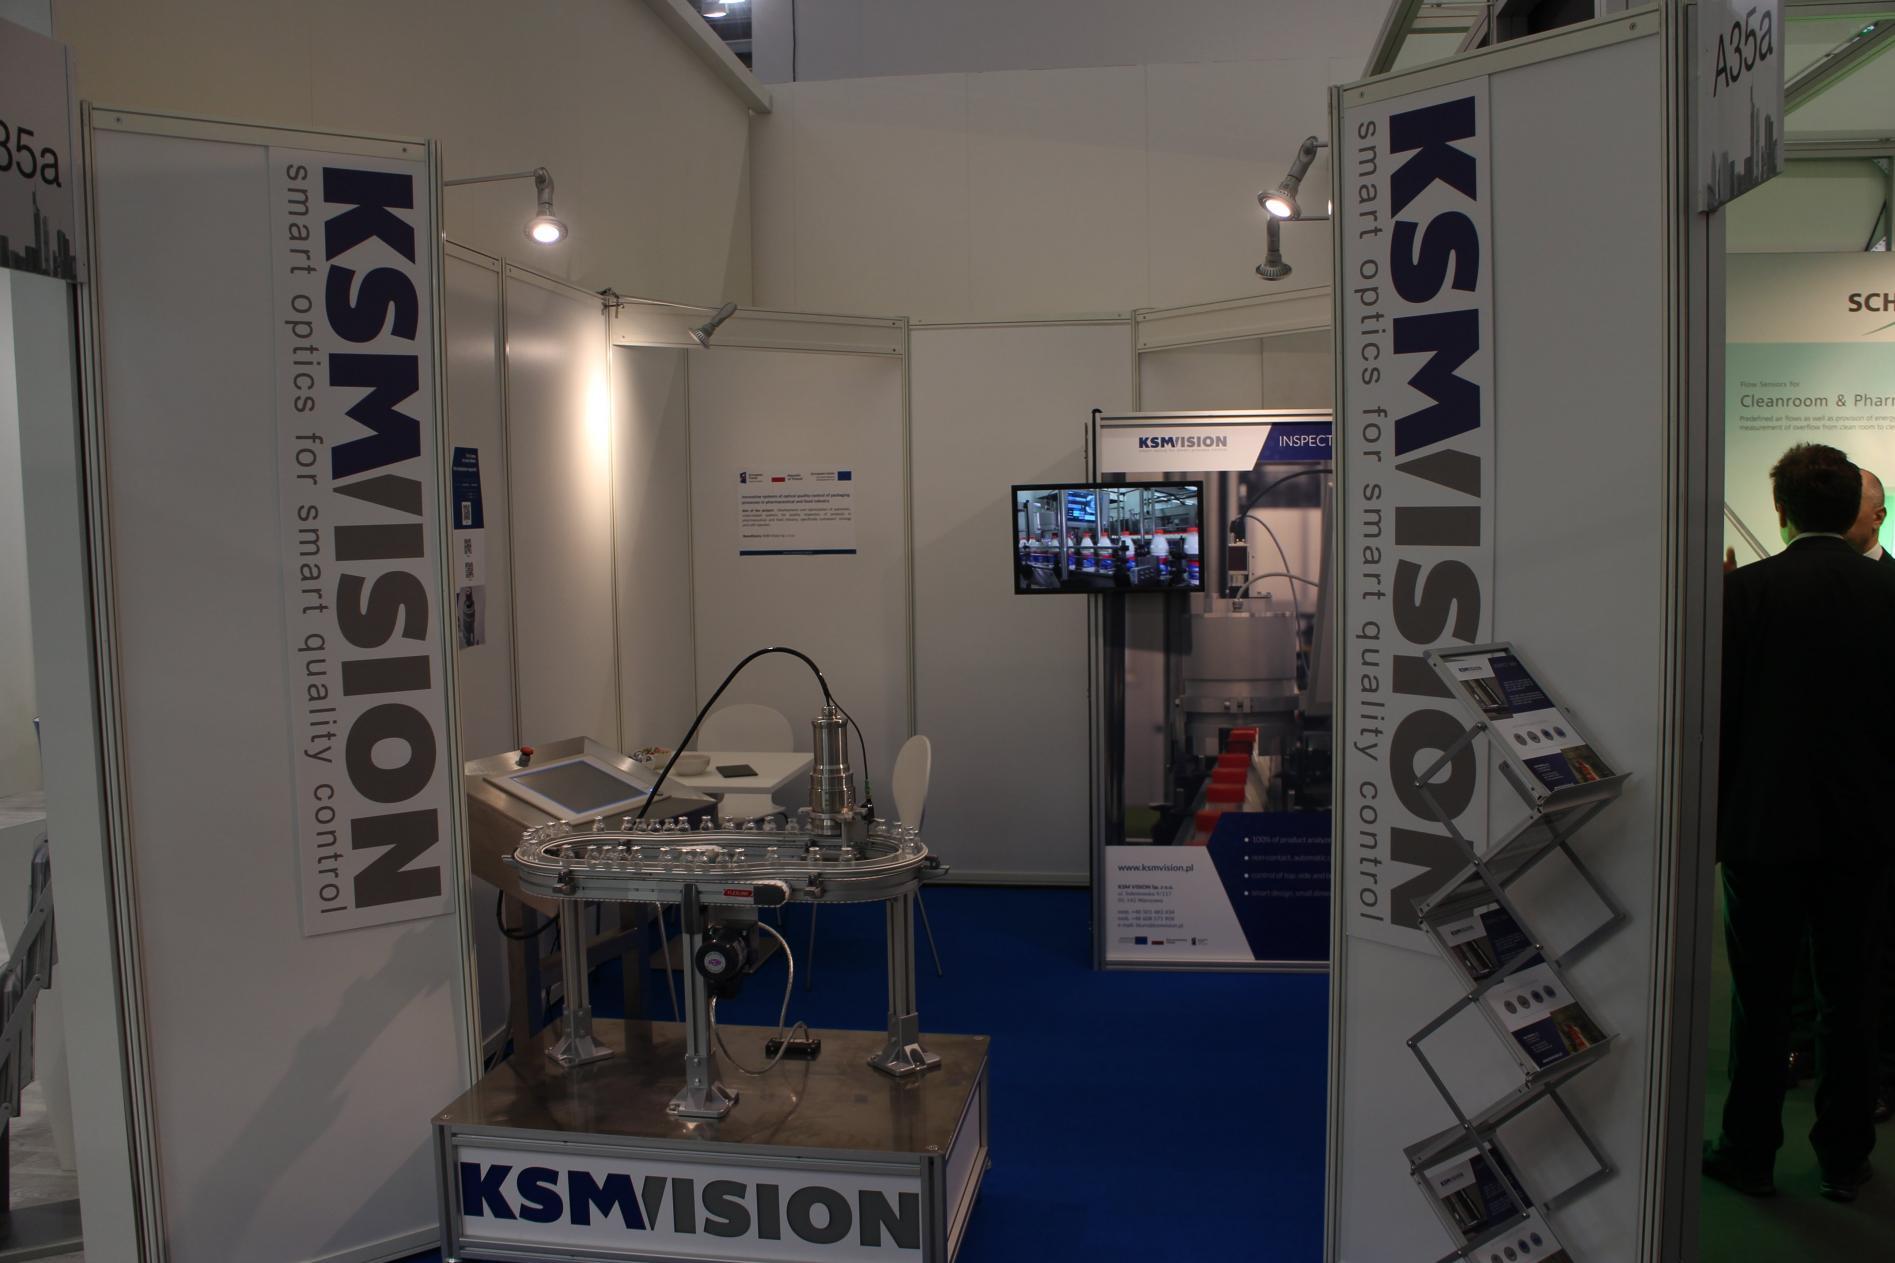 History of KSM Vision